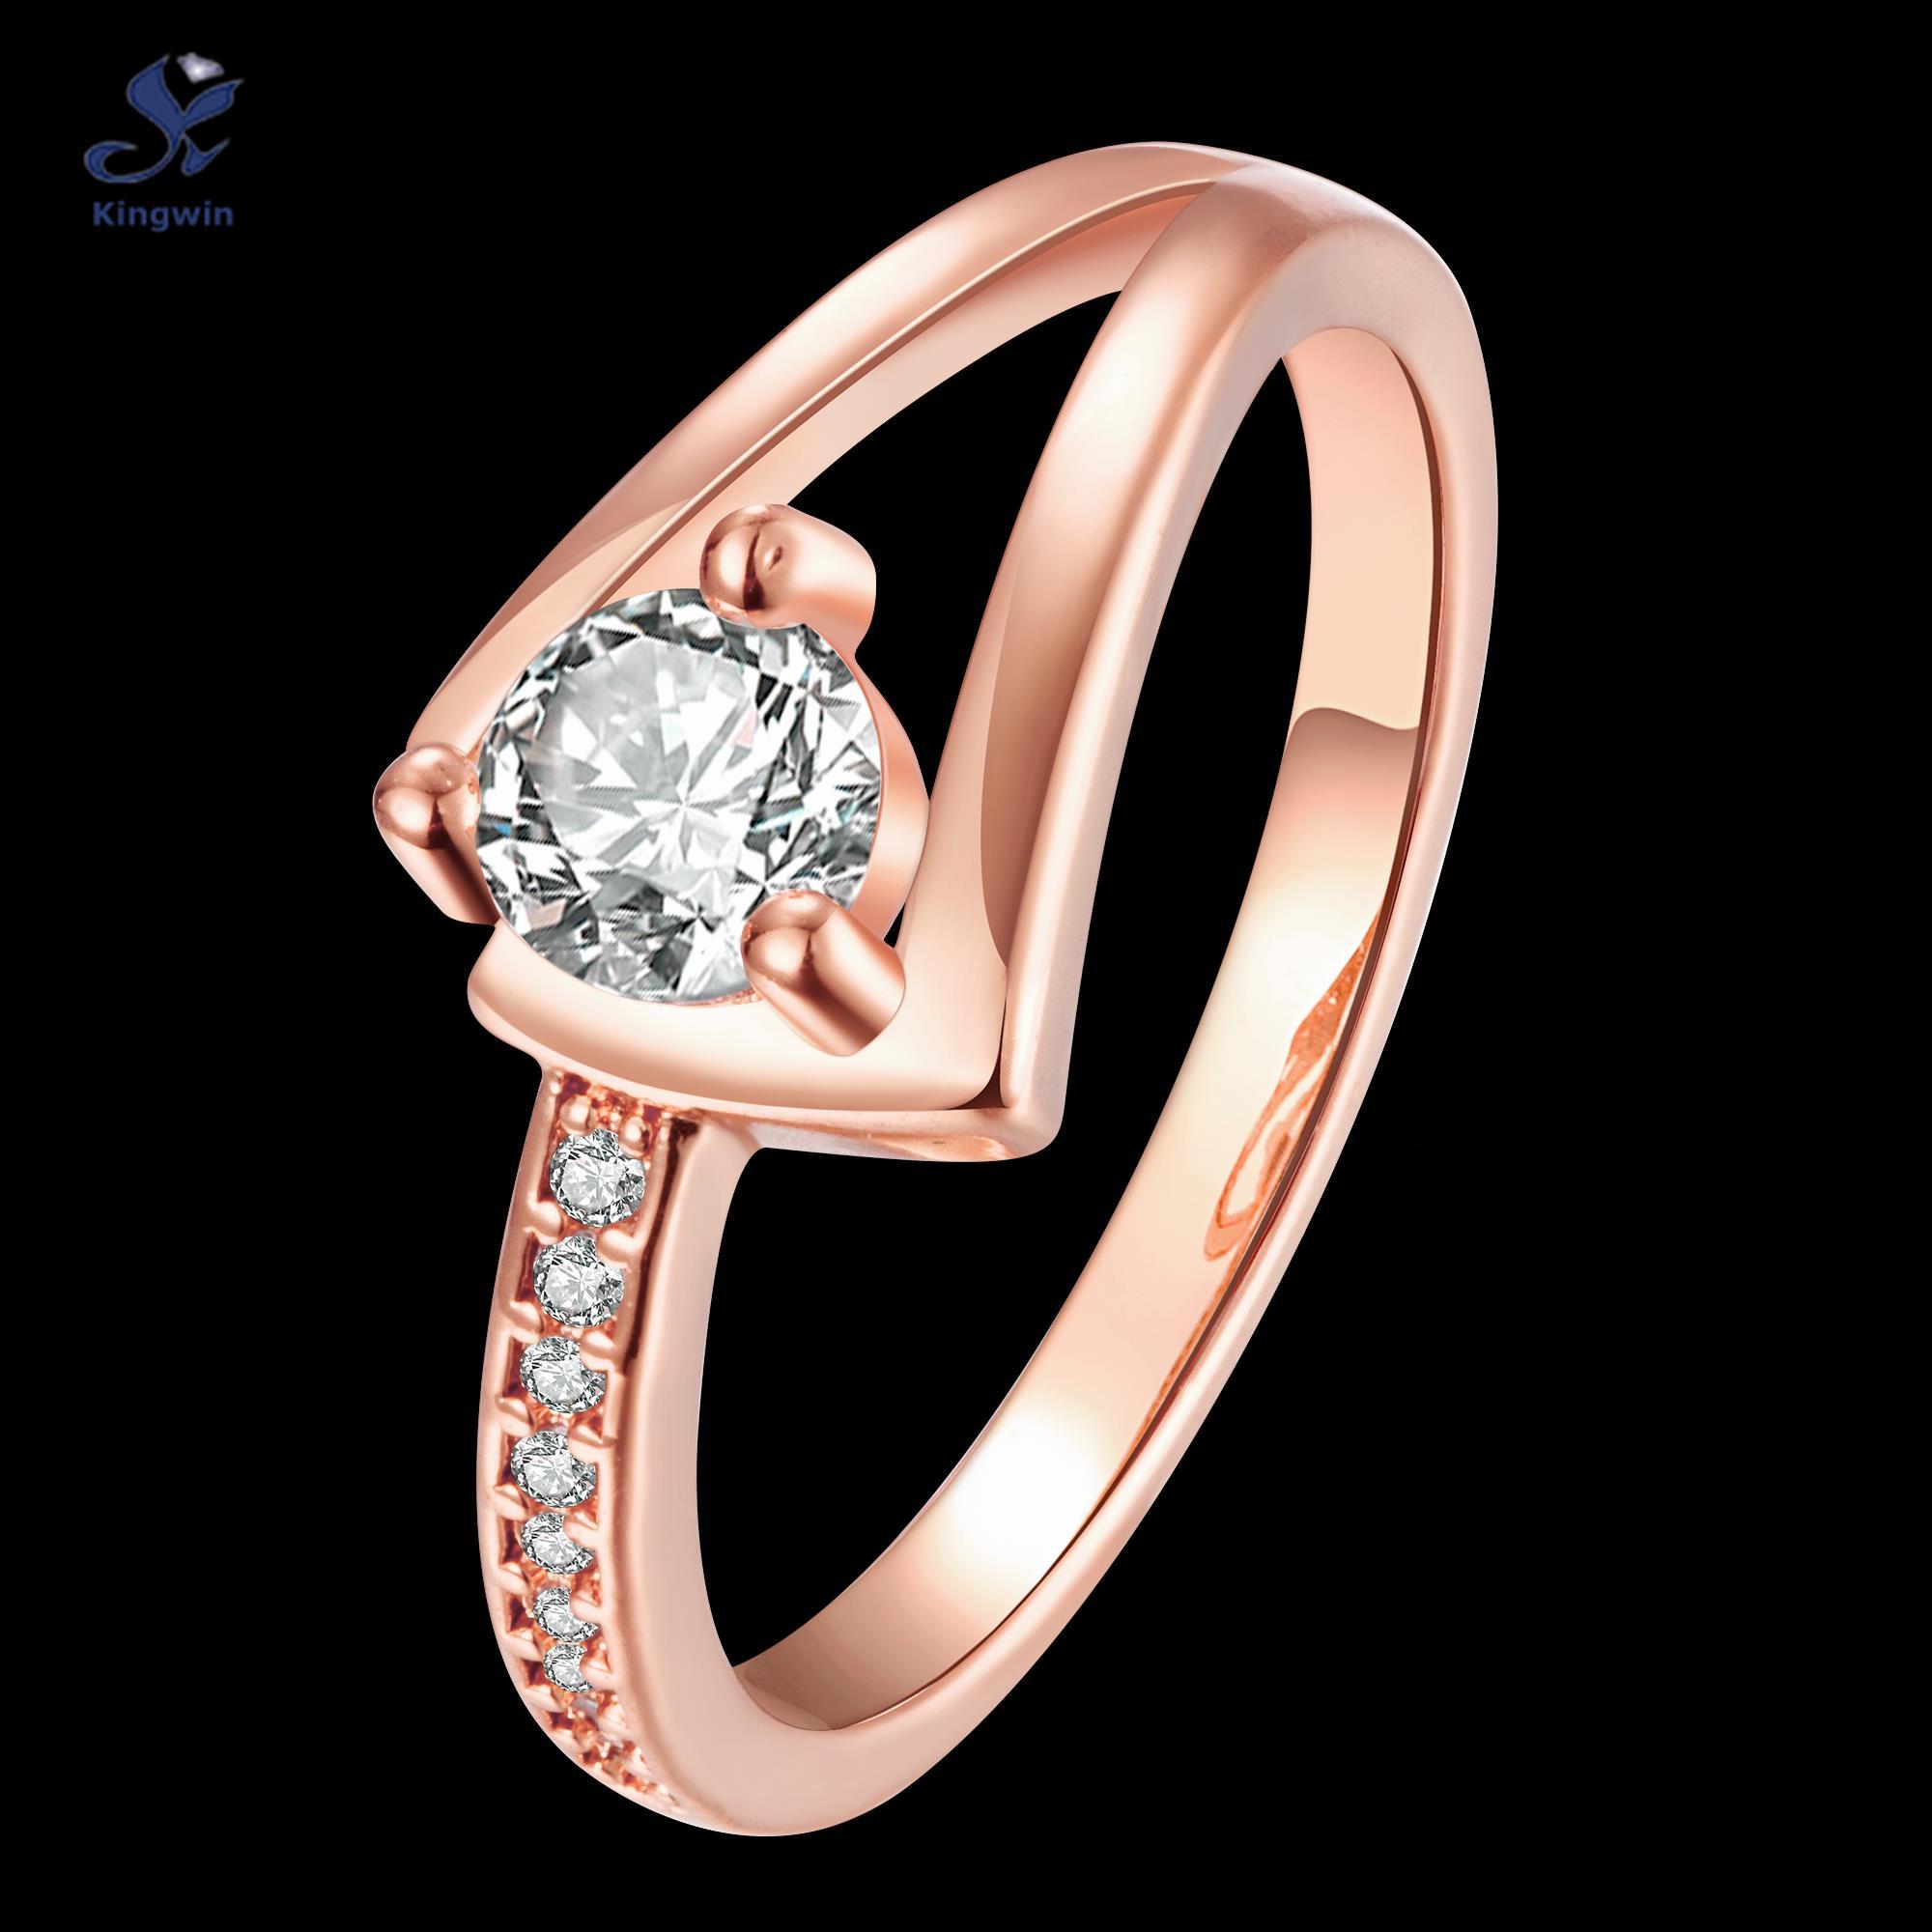 Aliexpress Buy New designer fashion jewelry graduation